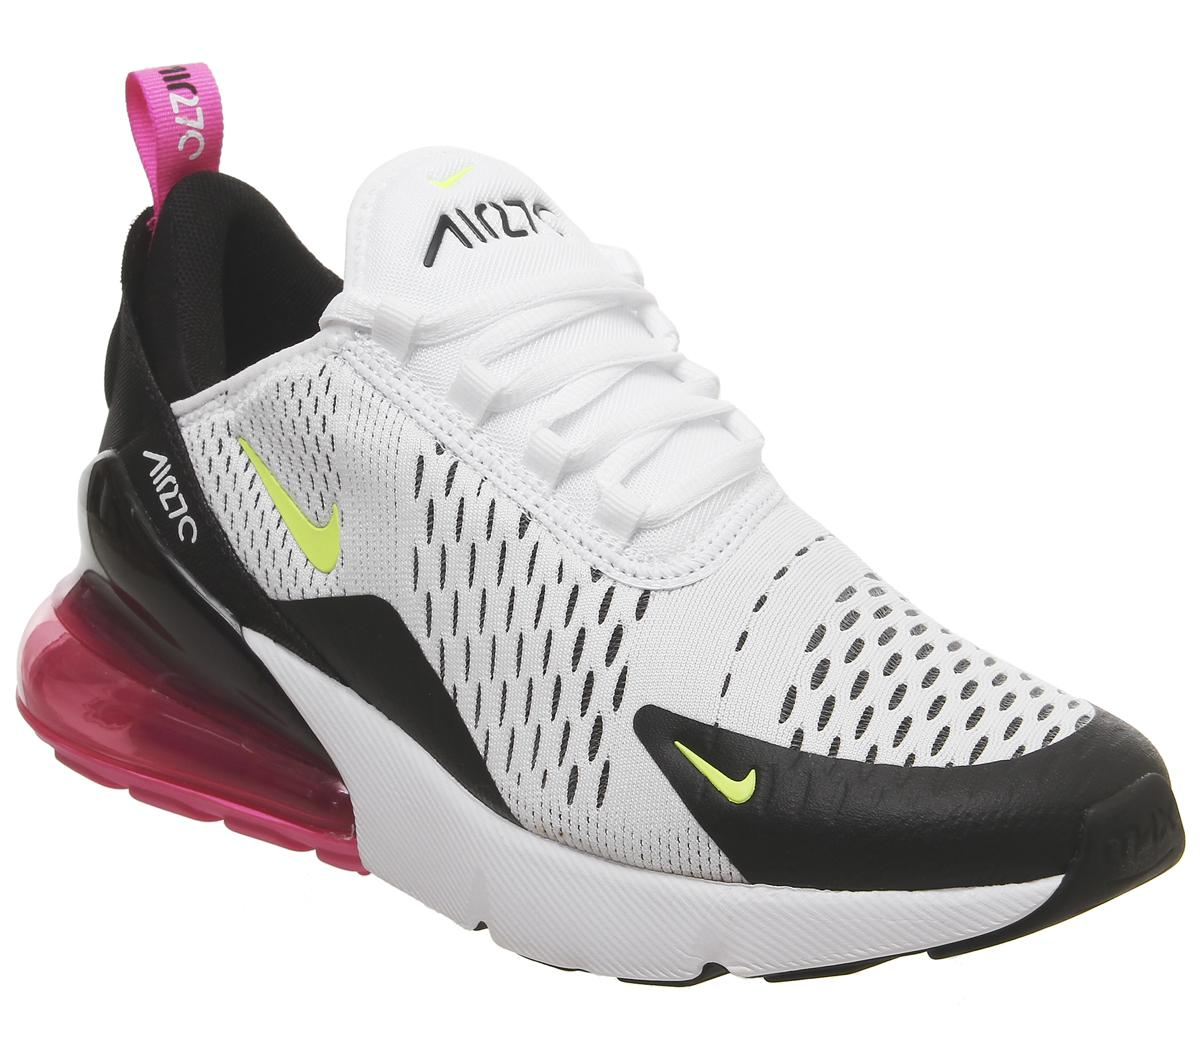 Nike Air Max 270 Gs Trainers White Volt Black Laser Fuchsia - junior